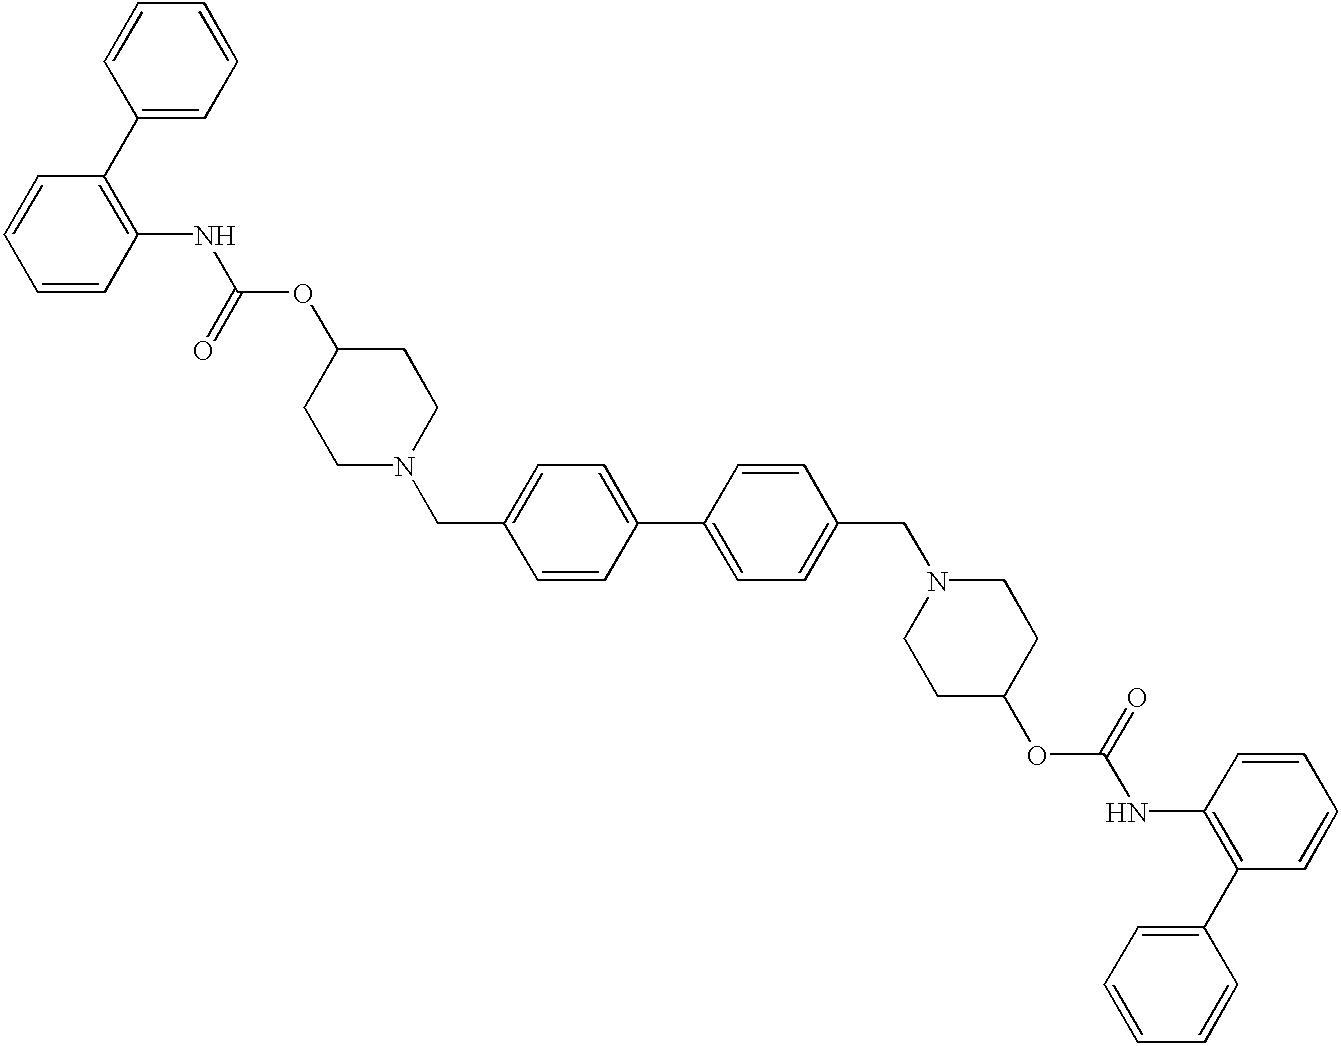 Figure US06693202-20040217-C00550